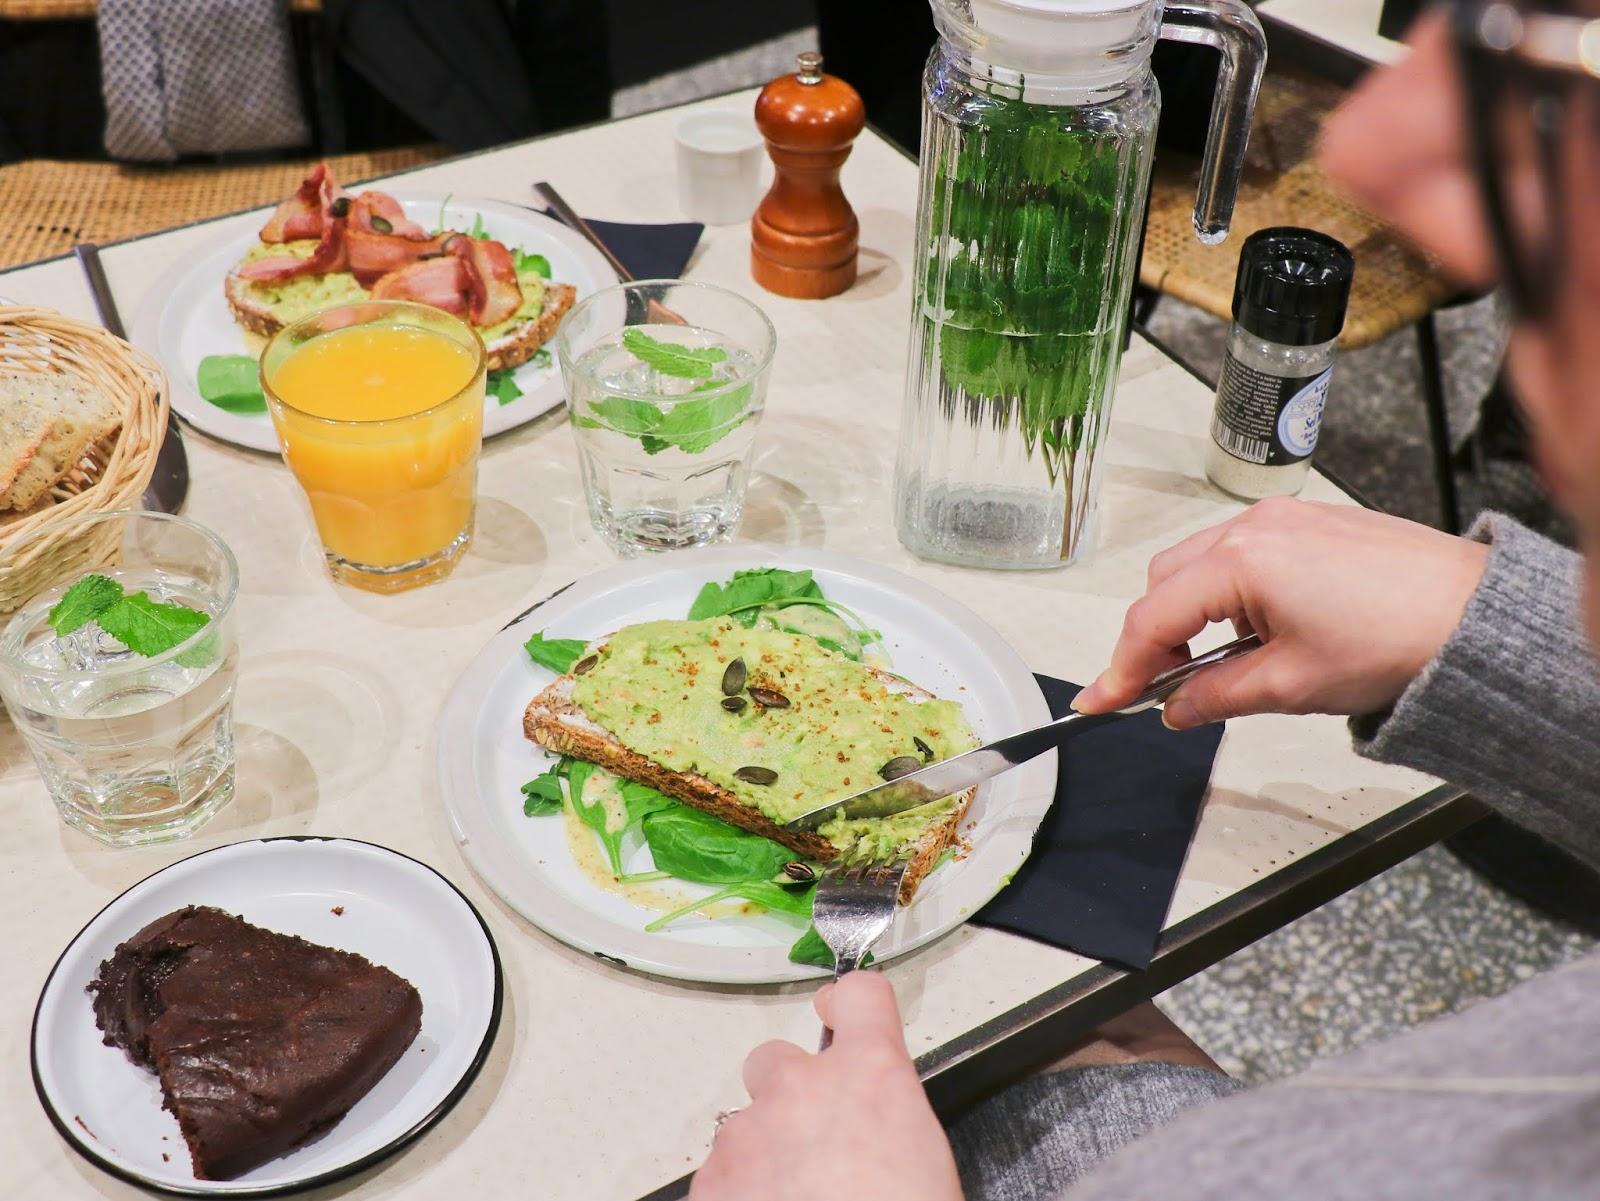 brunch marlette café les gommettes de melo gouter dejeuner parly 2 ambassadrice shopping